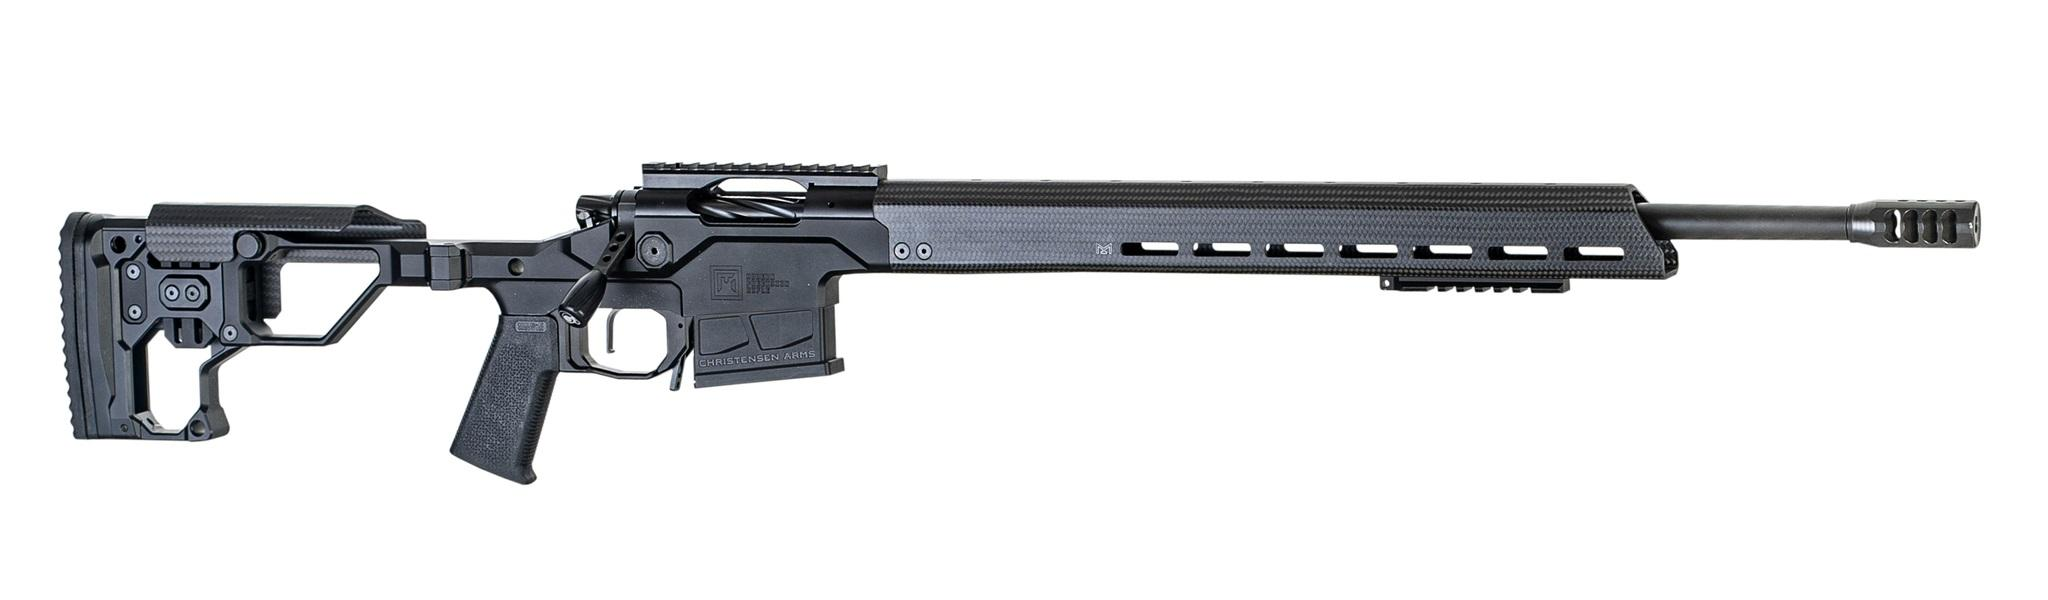 MPR STEEL 300PRC BLACK 26 - 801-03031-00